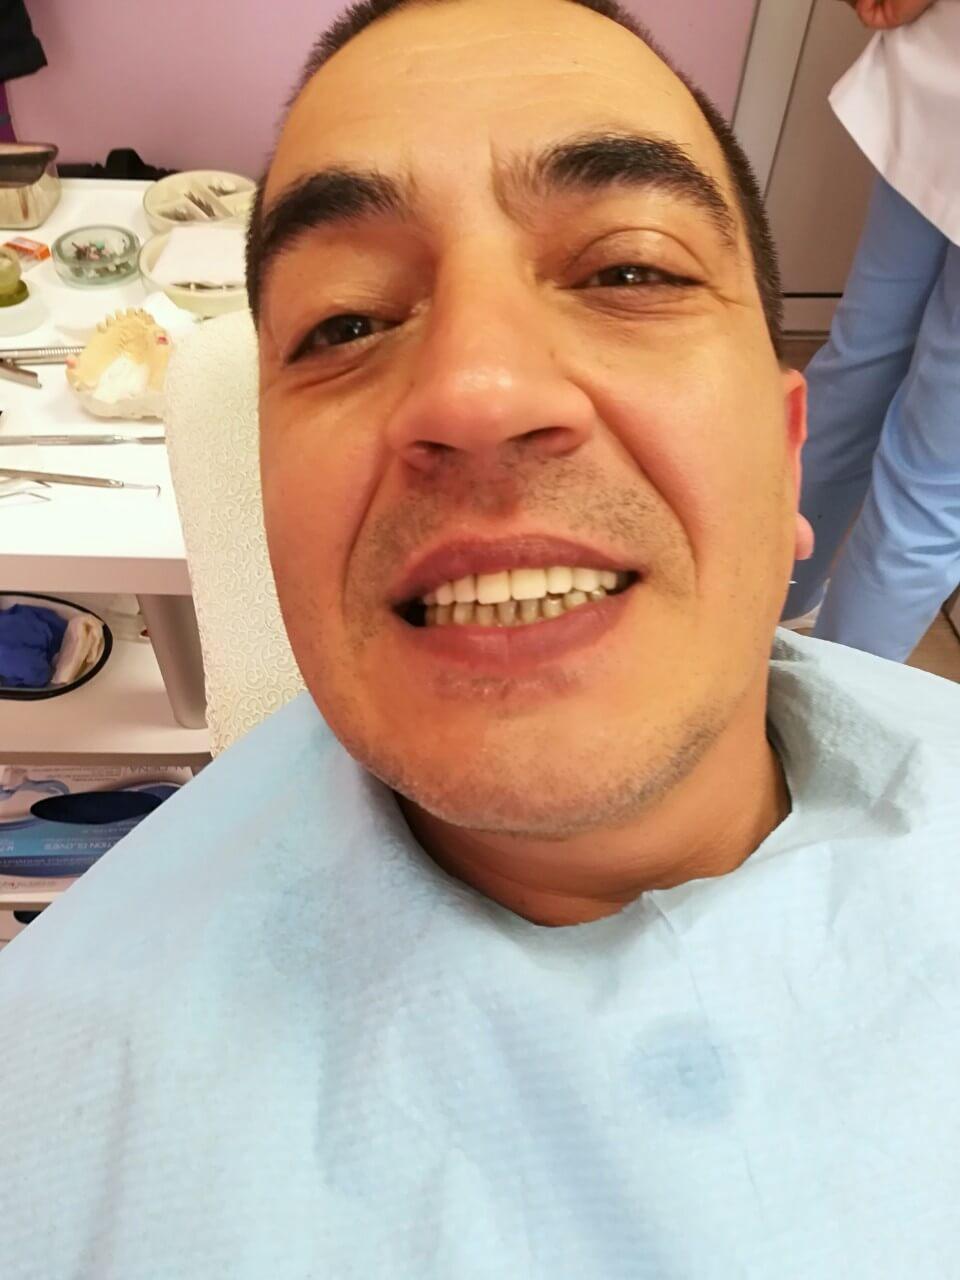 Избелване на зъбиПоставяне на зъбни коронки и зъбен мост - - Медика 3 Дент